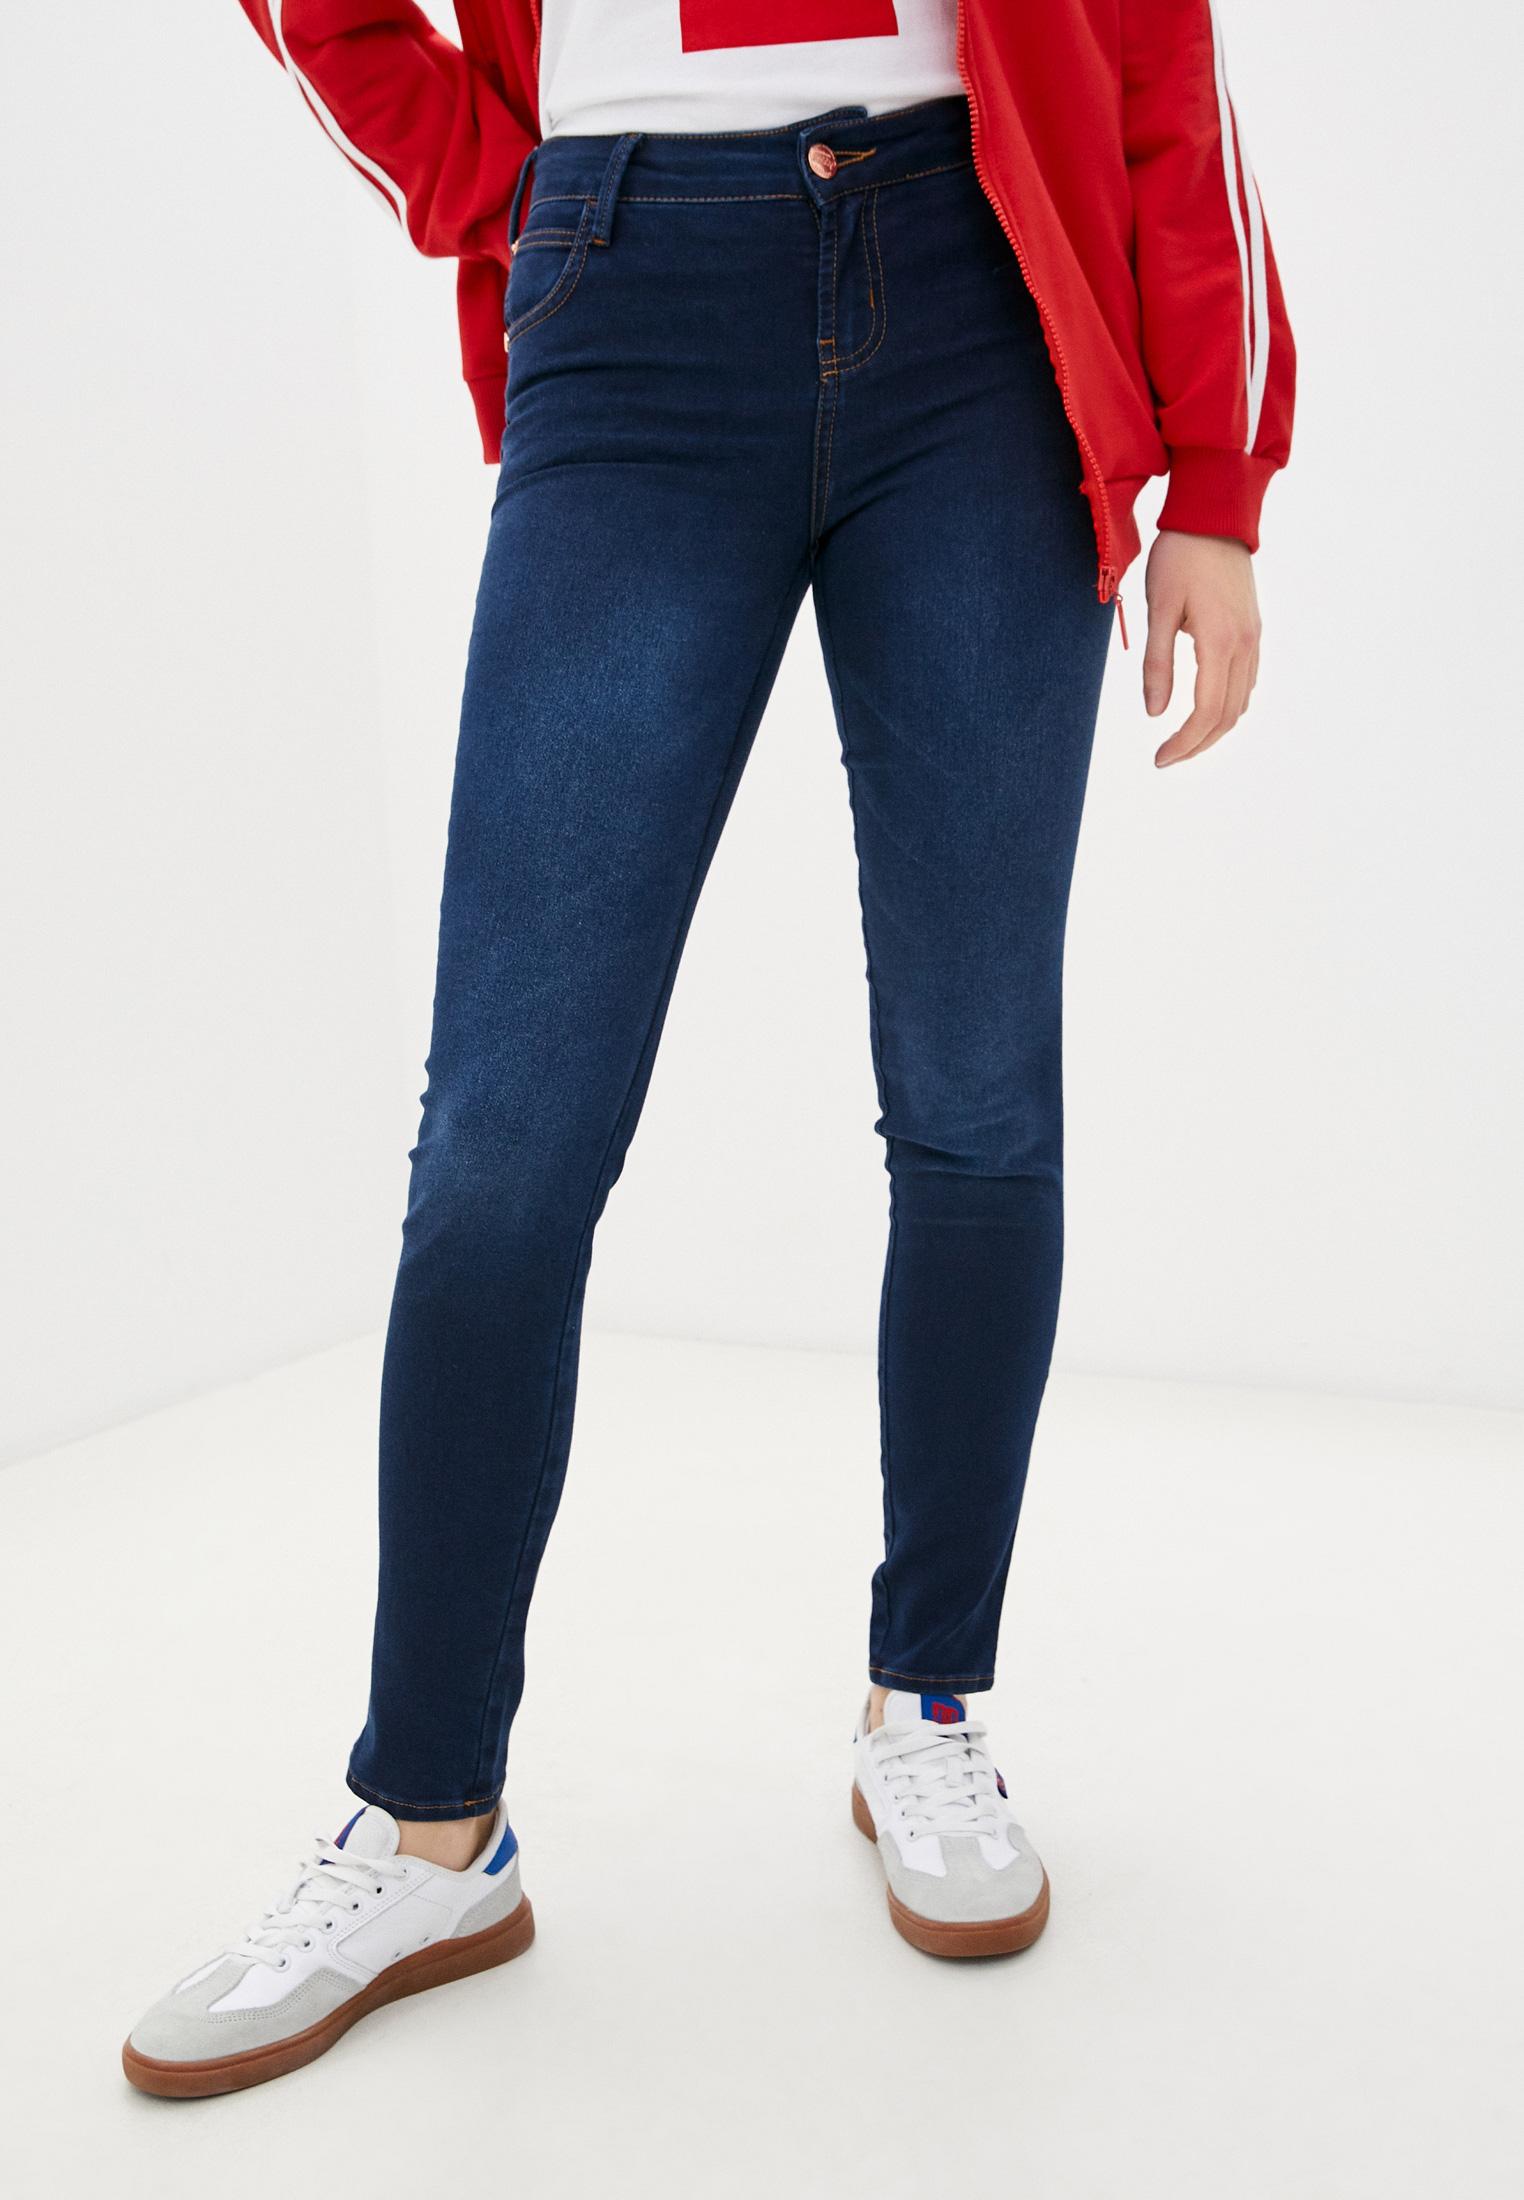 Зауженные джинсы Coca Cola Jeans 002.32.02968